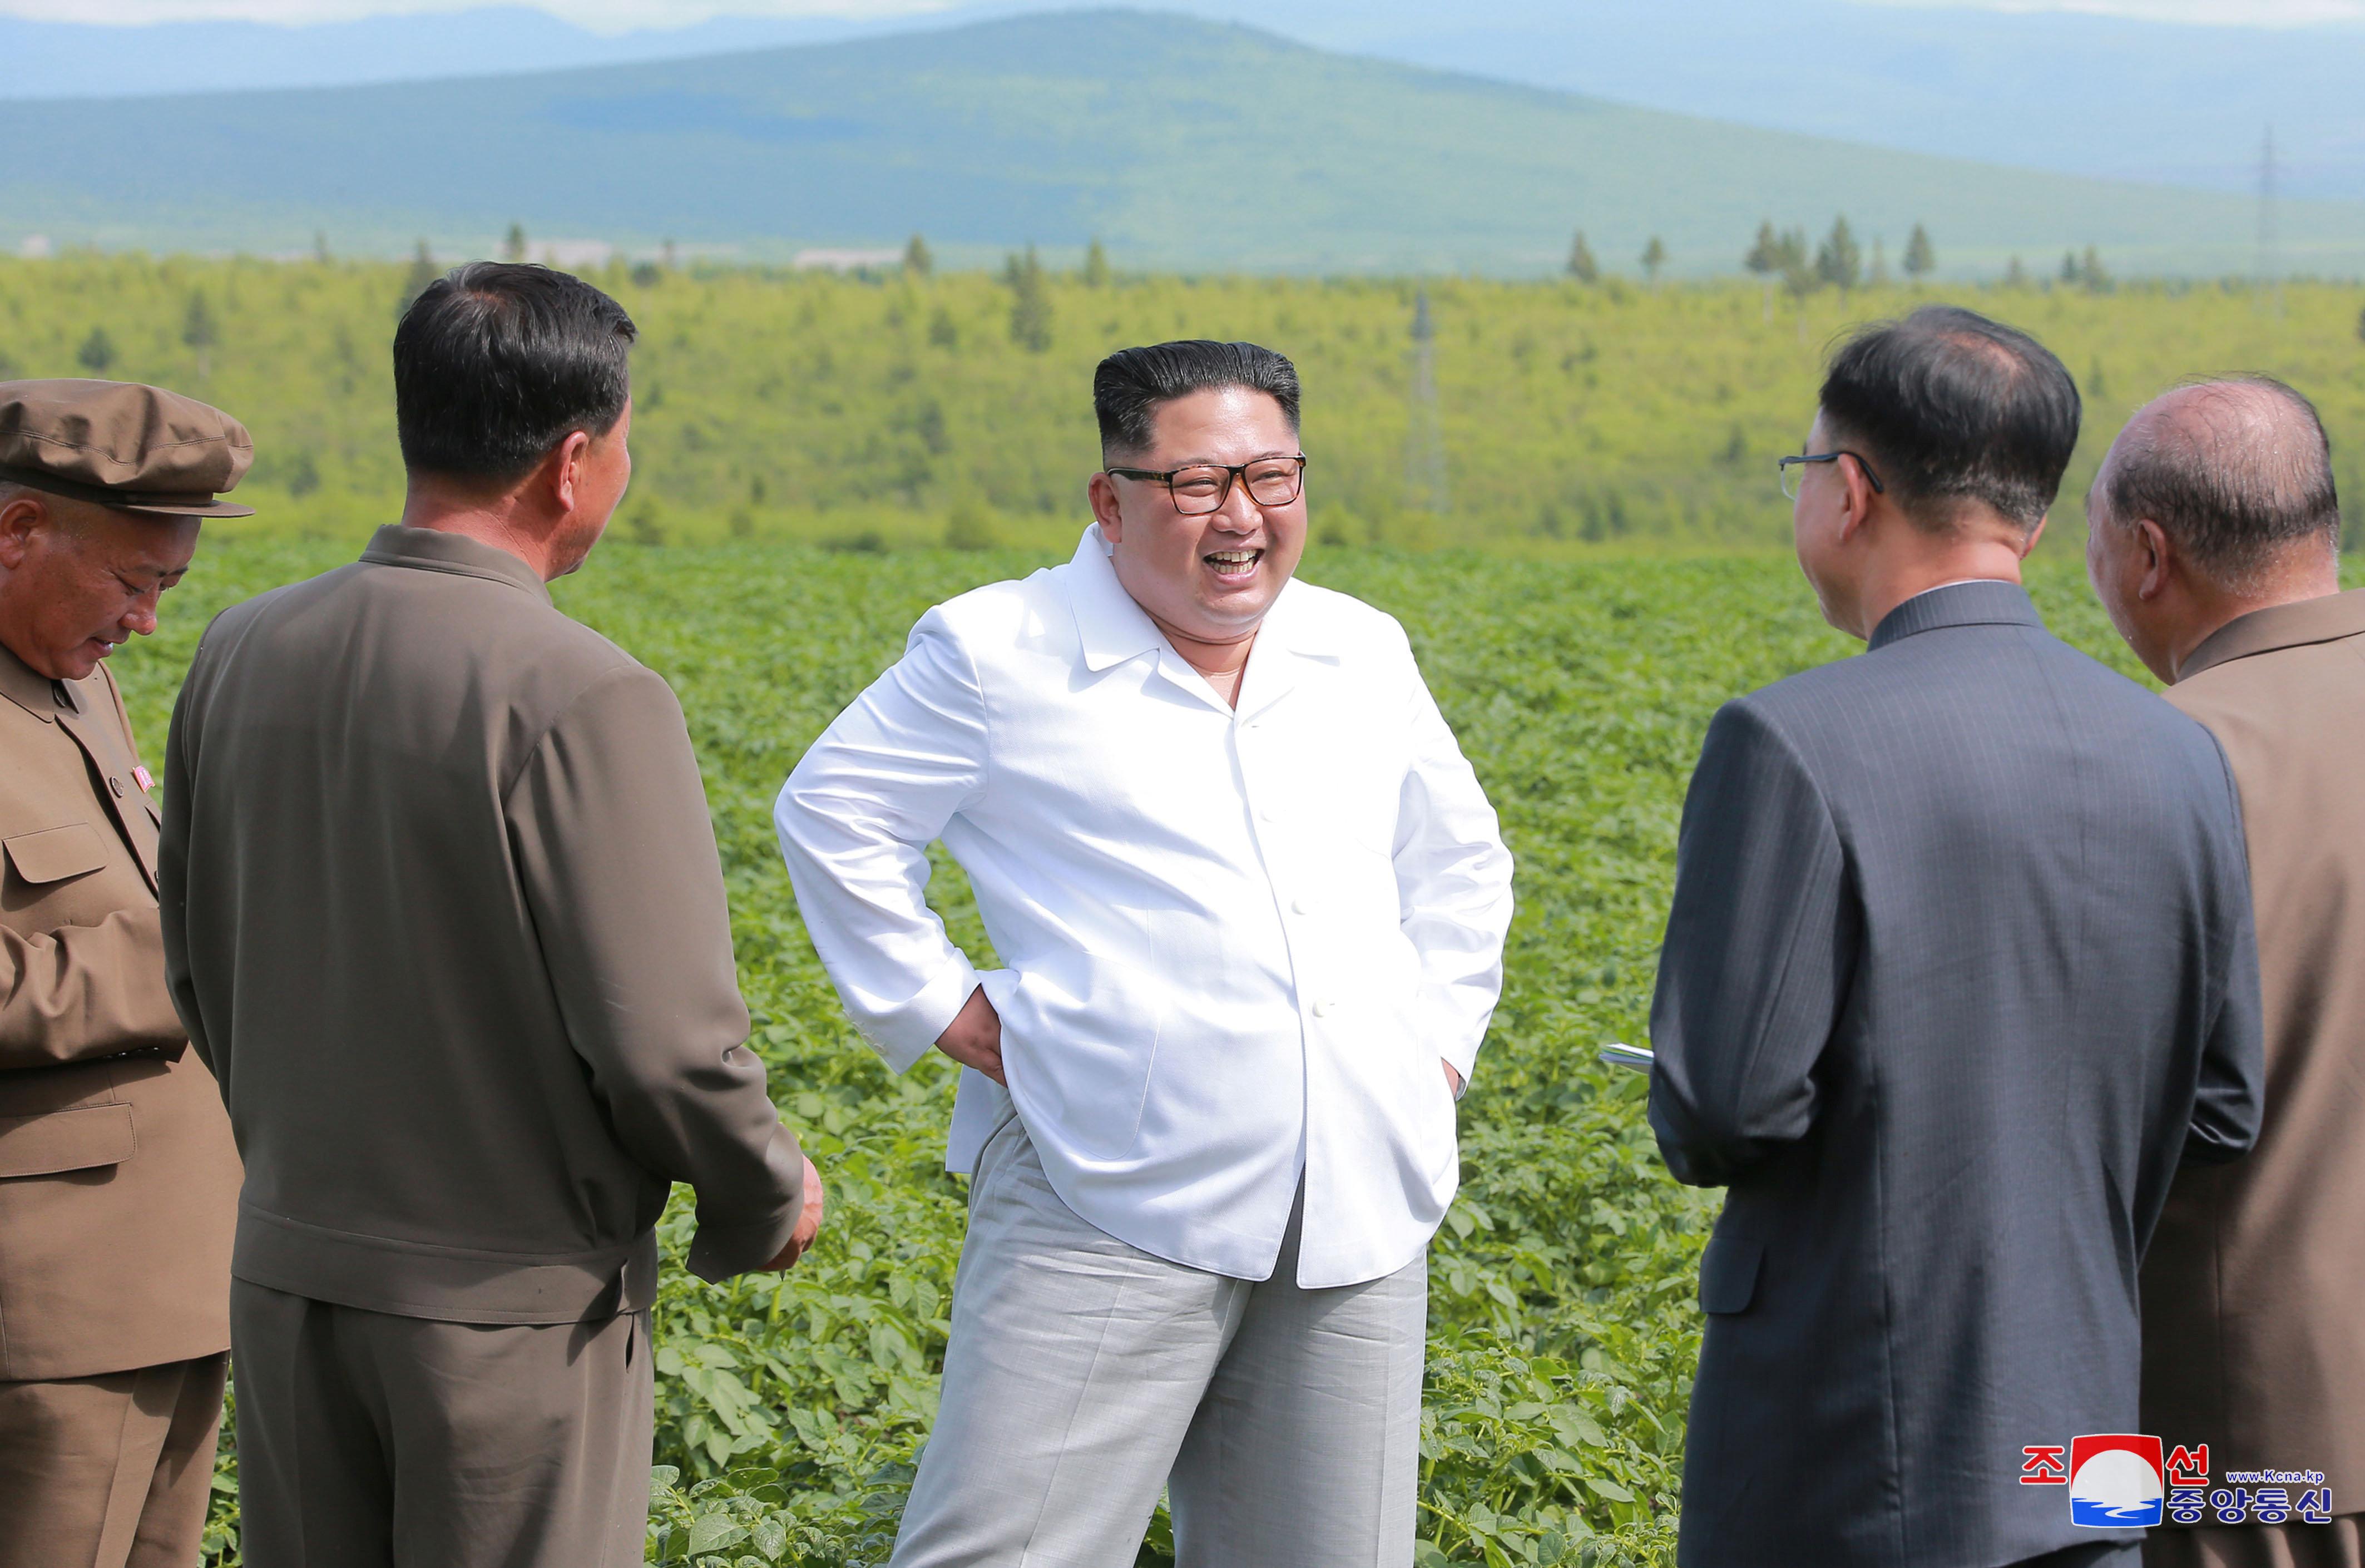 유엔은 북한이 원유·무기 불법 거래를 계속하고 있다고